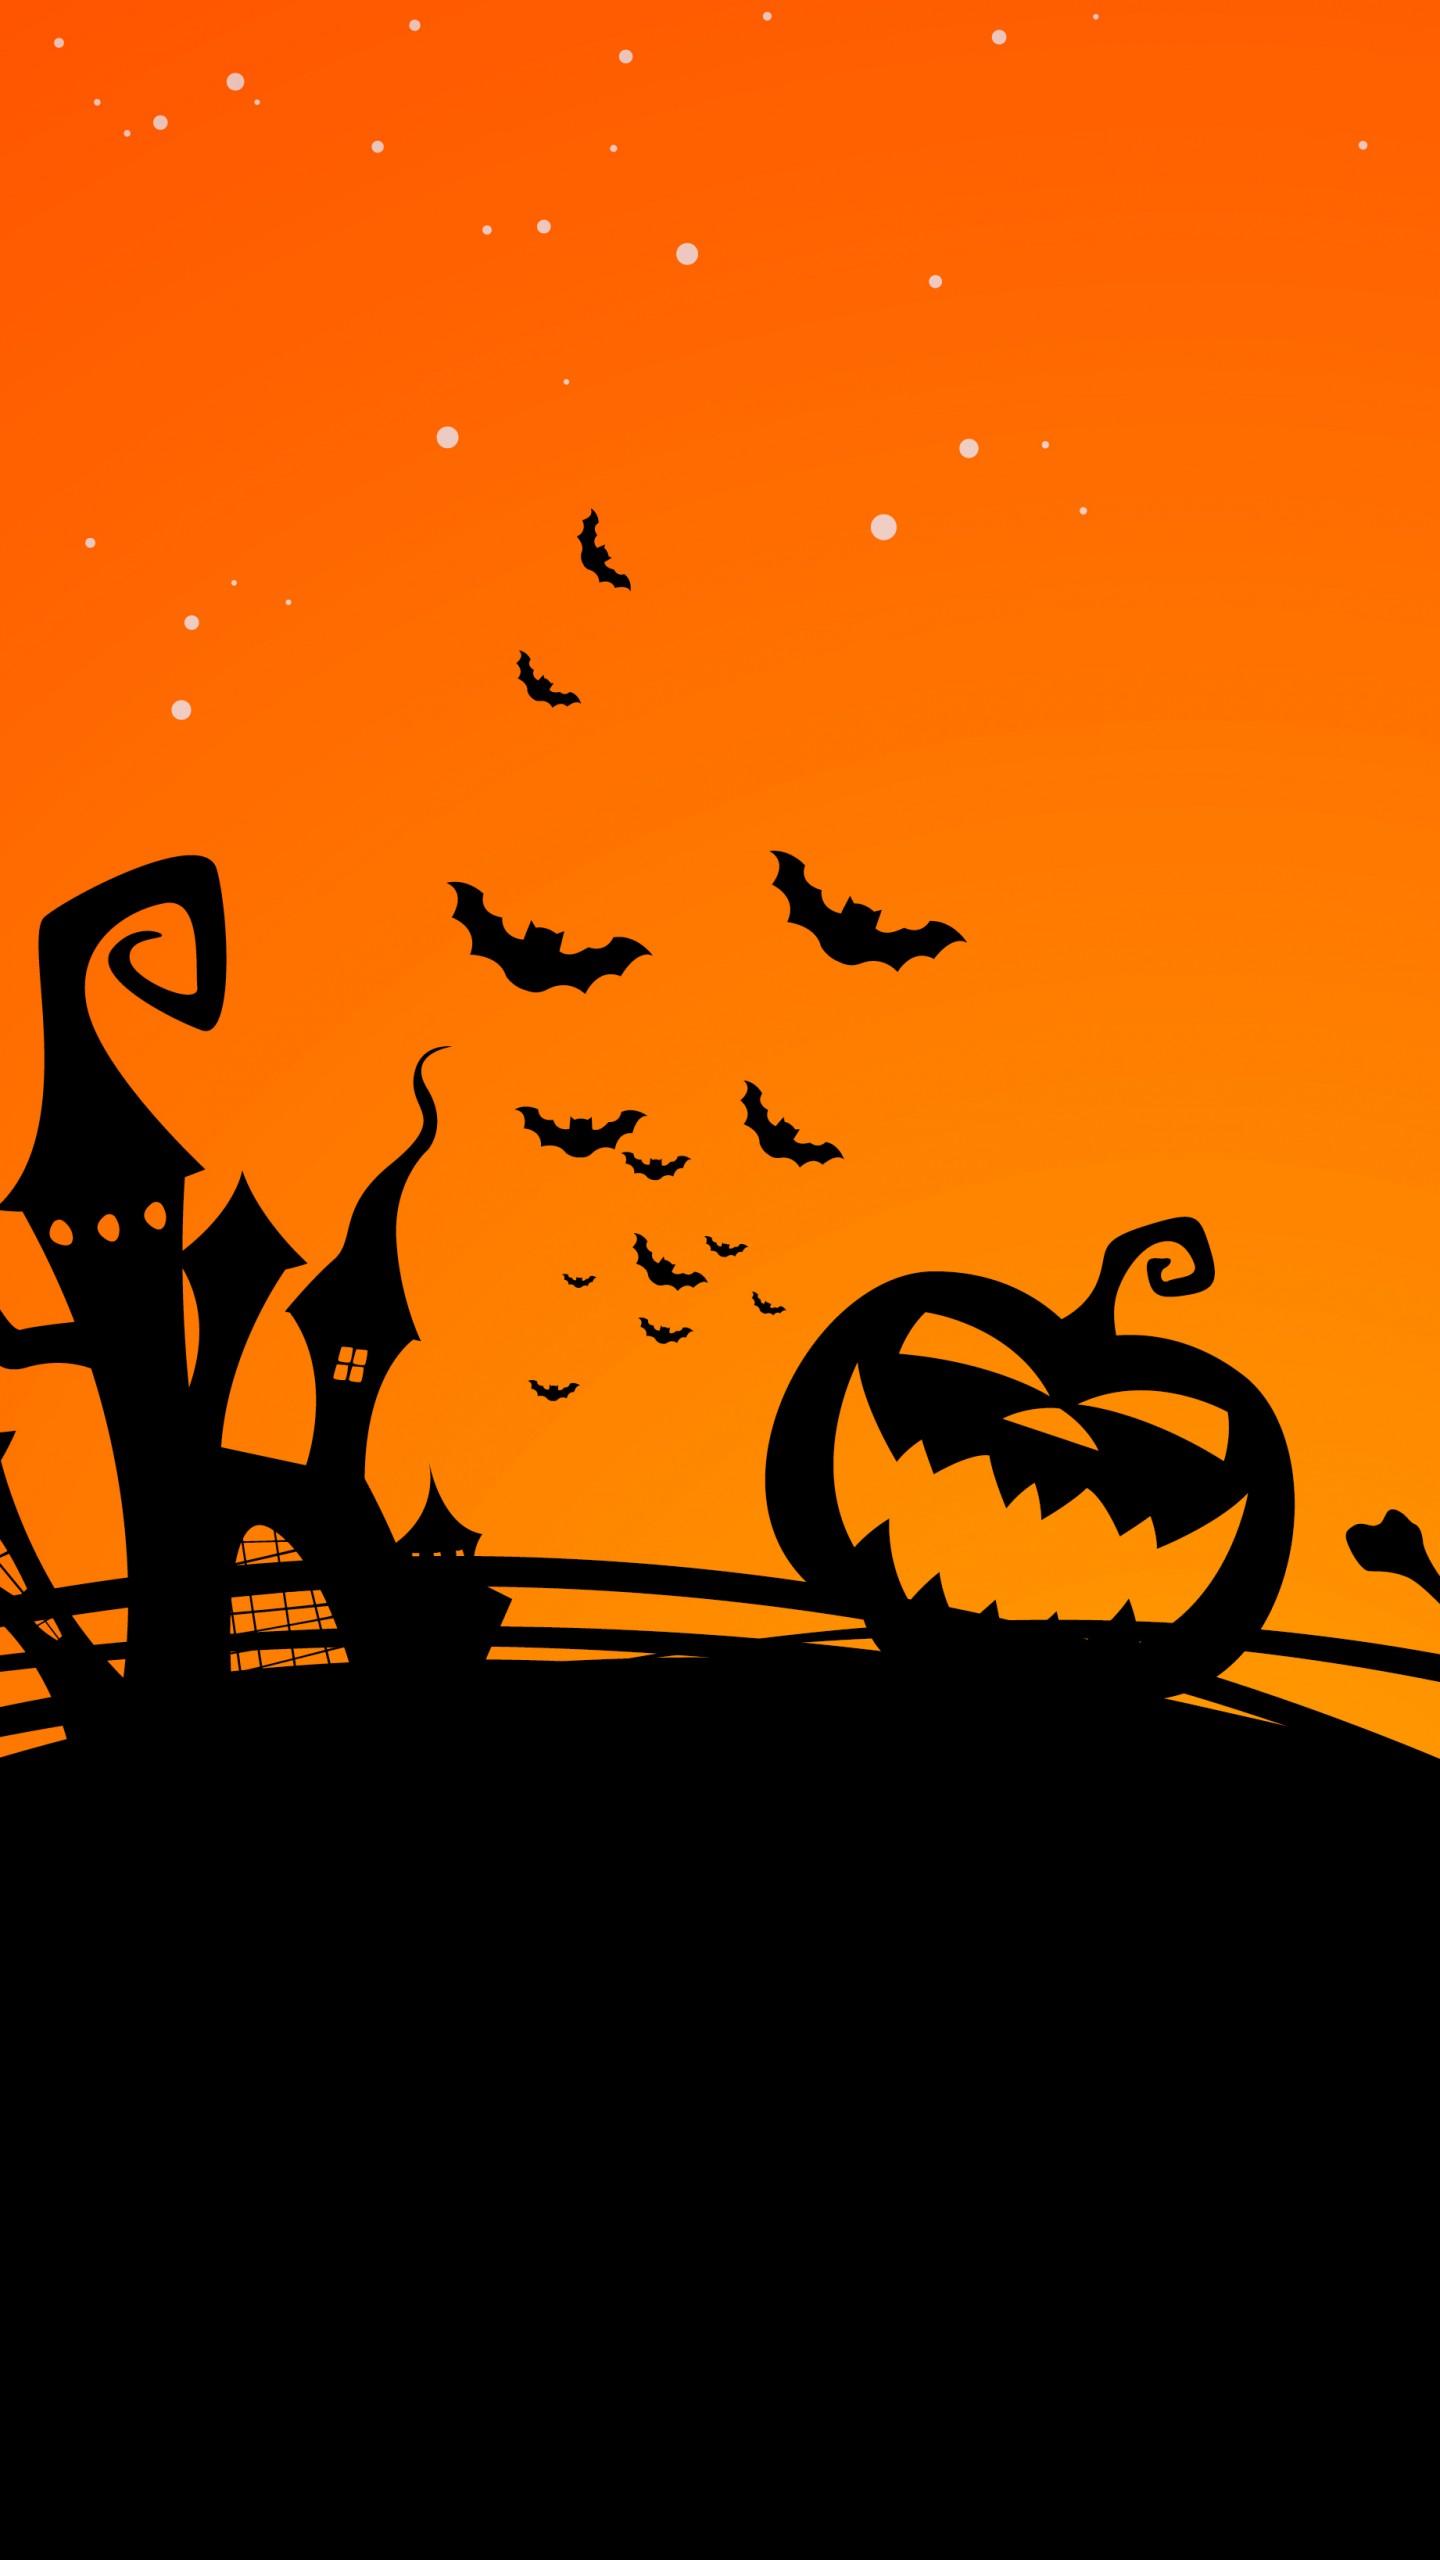 Halloween Pumpkin Wallpaper 1440x2560 Download Hd Wallpaper Wallpapertip